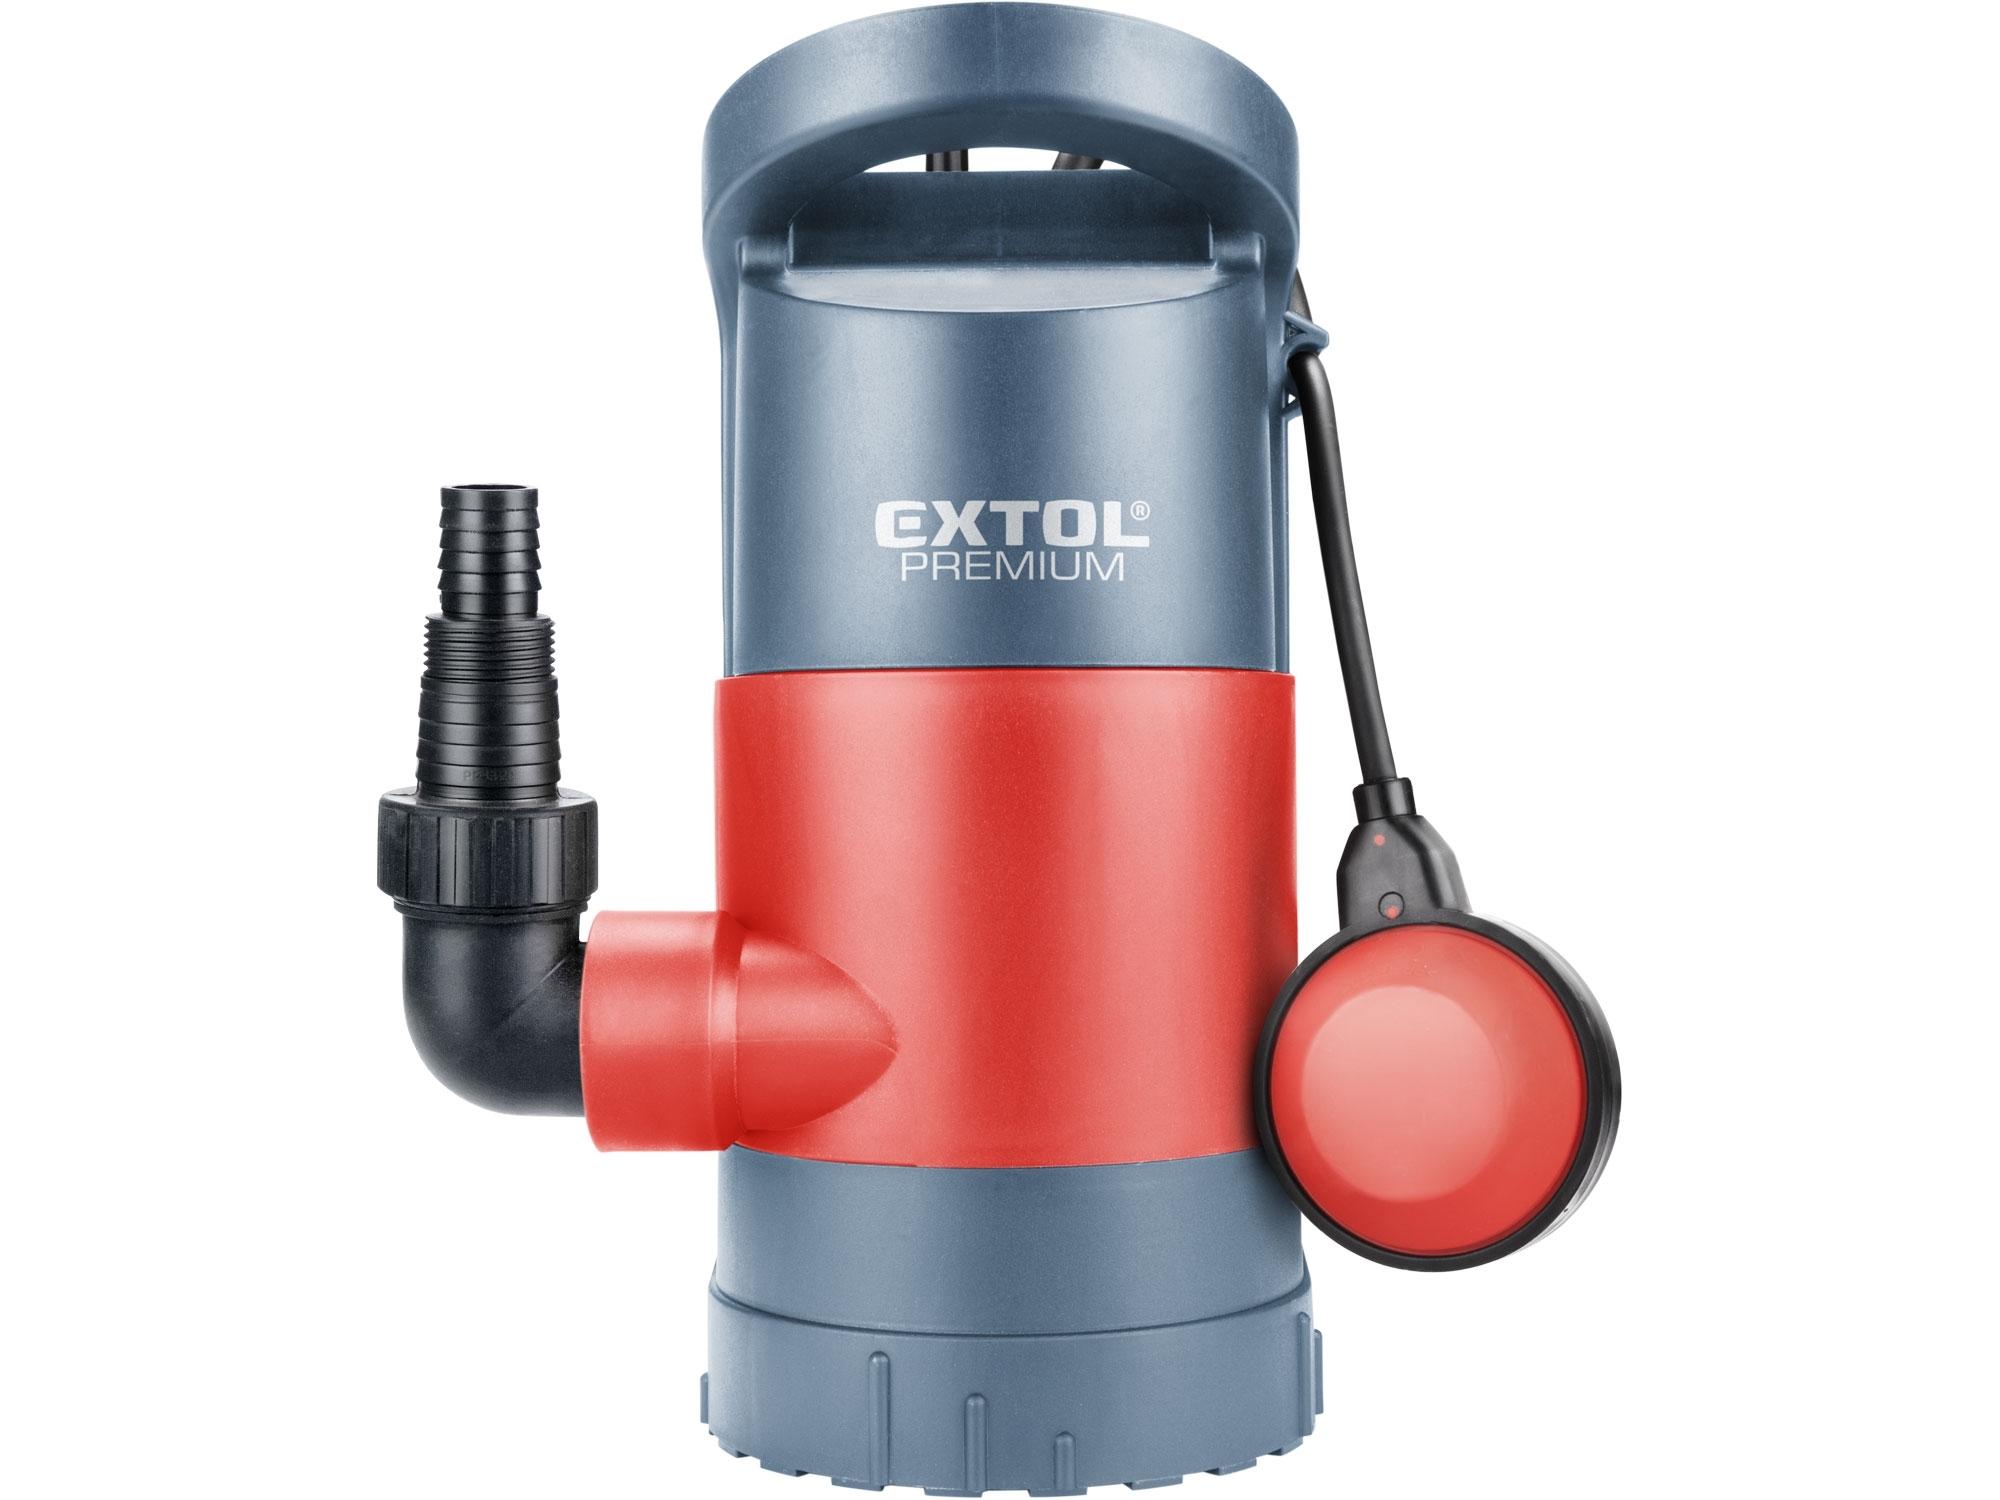 čerpadlo na znečištěnou vodu 3v1, 900W, 13000l/h, EXTOL PREMIUM, SP 900 8895013